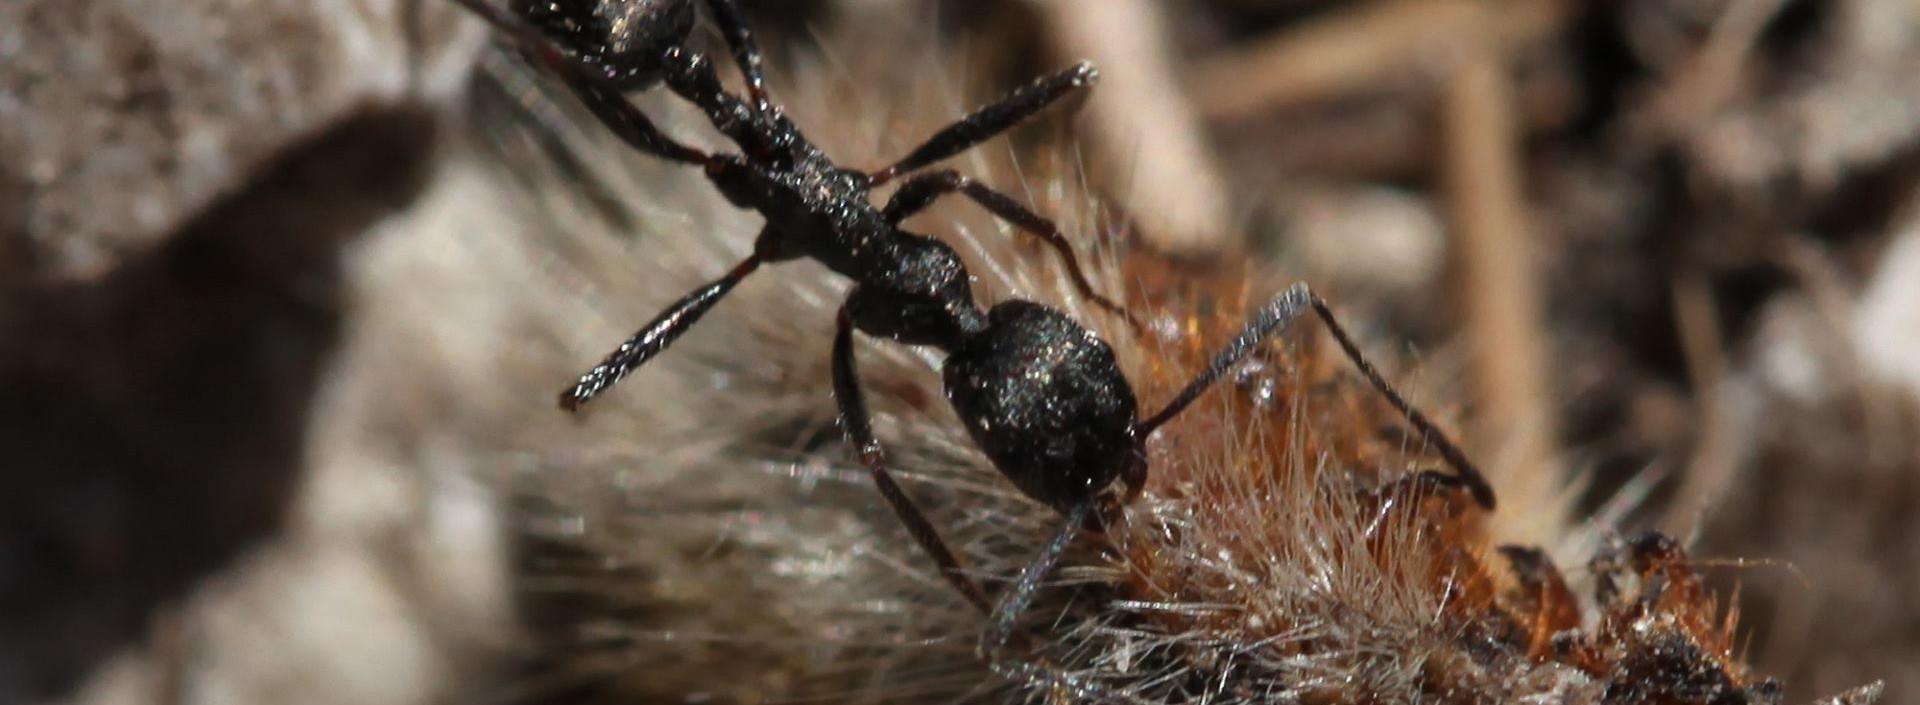 PUSTINJSKI MRAVI Sićušan mozak tih kukaca ima odlične navigacijske sposobnosti